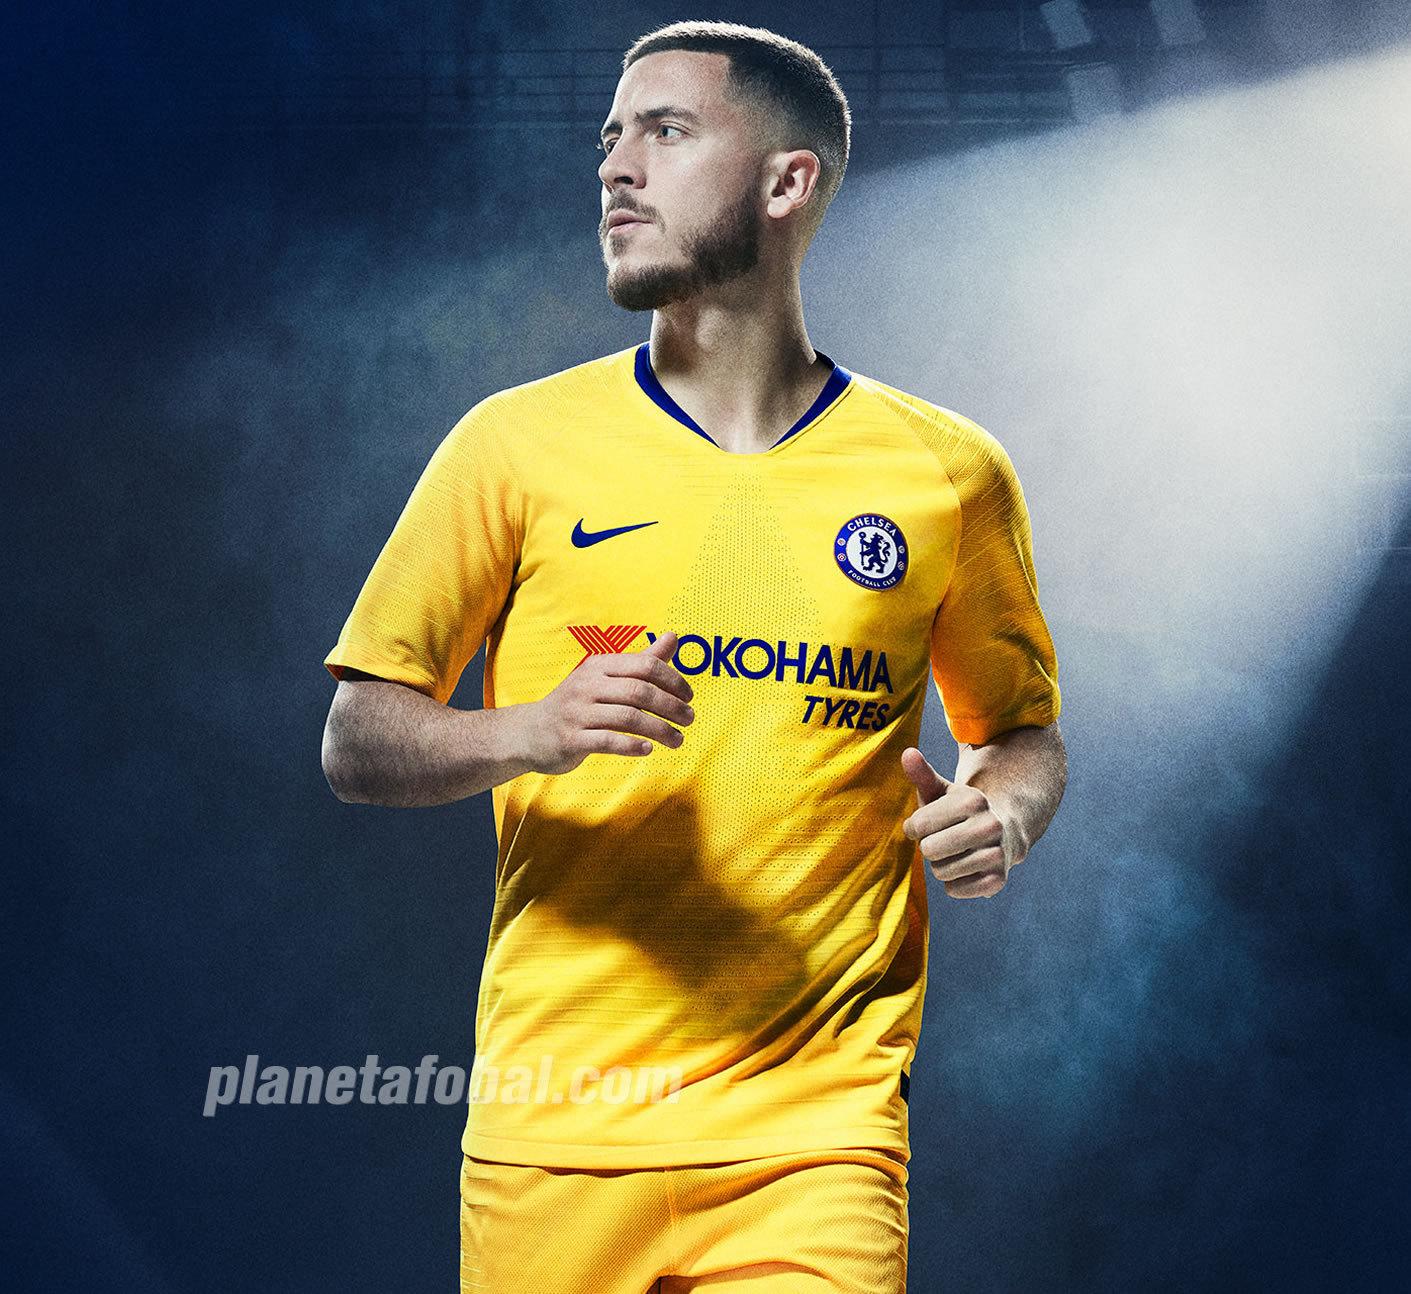 Eden Hazard con la camiseta suplente amarilla del Chelsea | Imagen Nike